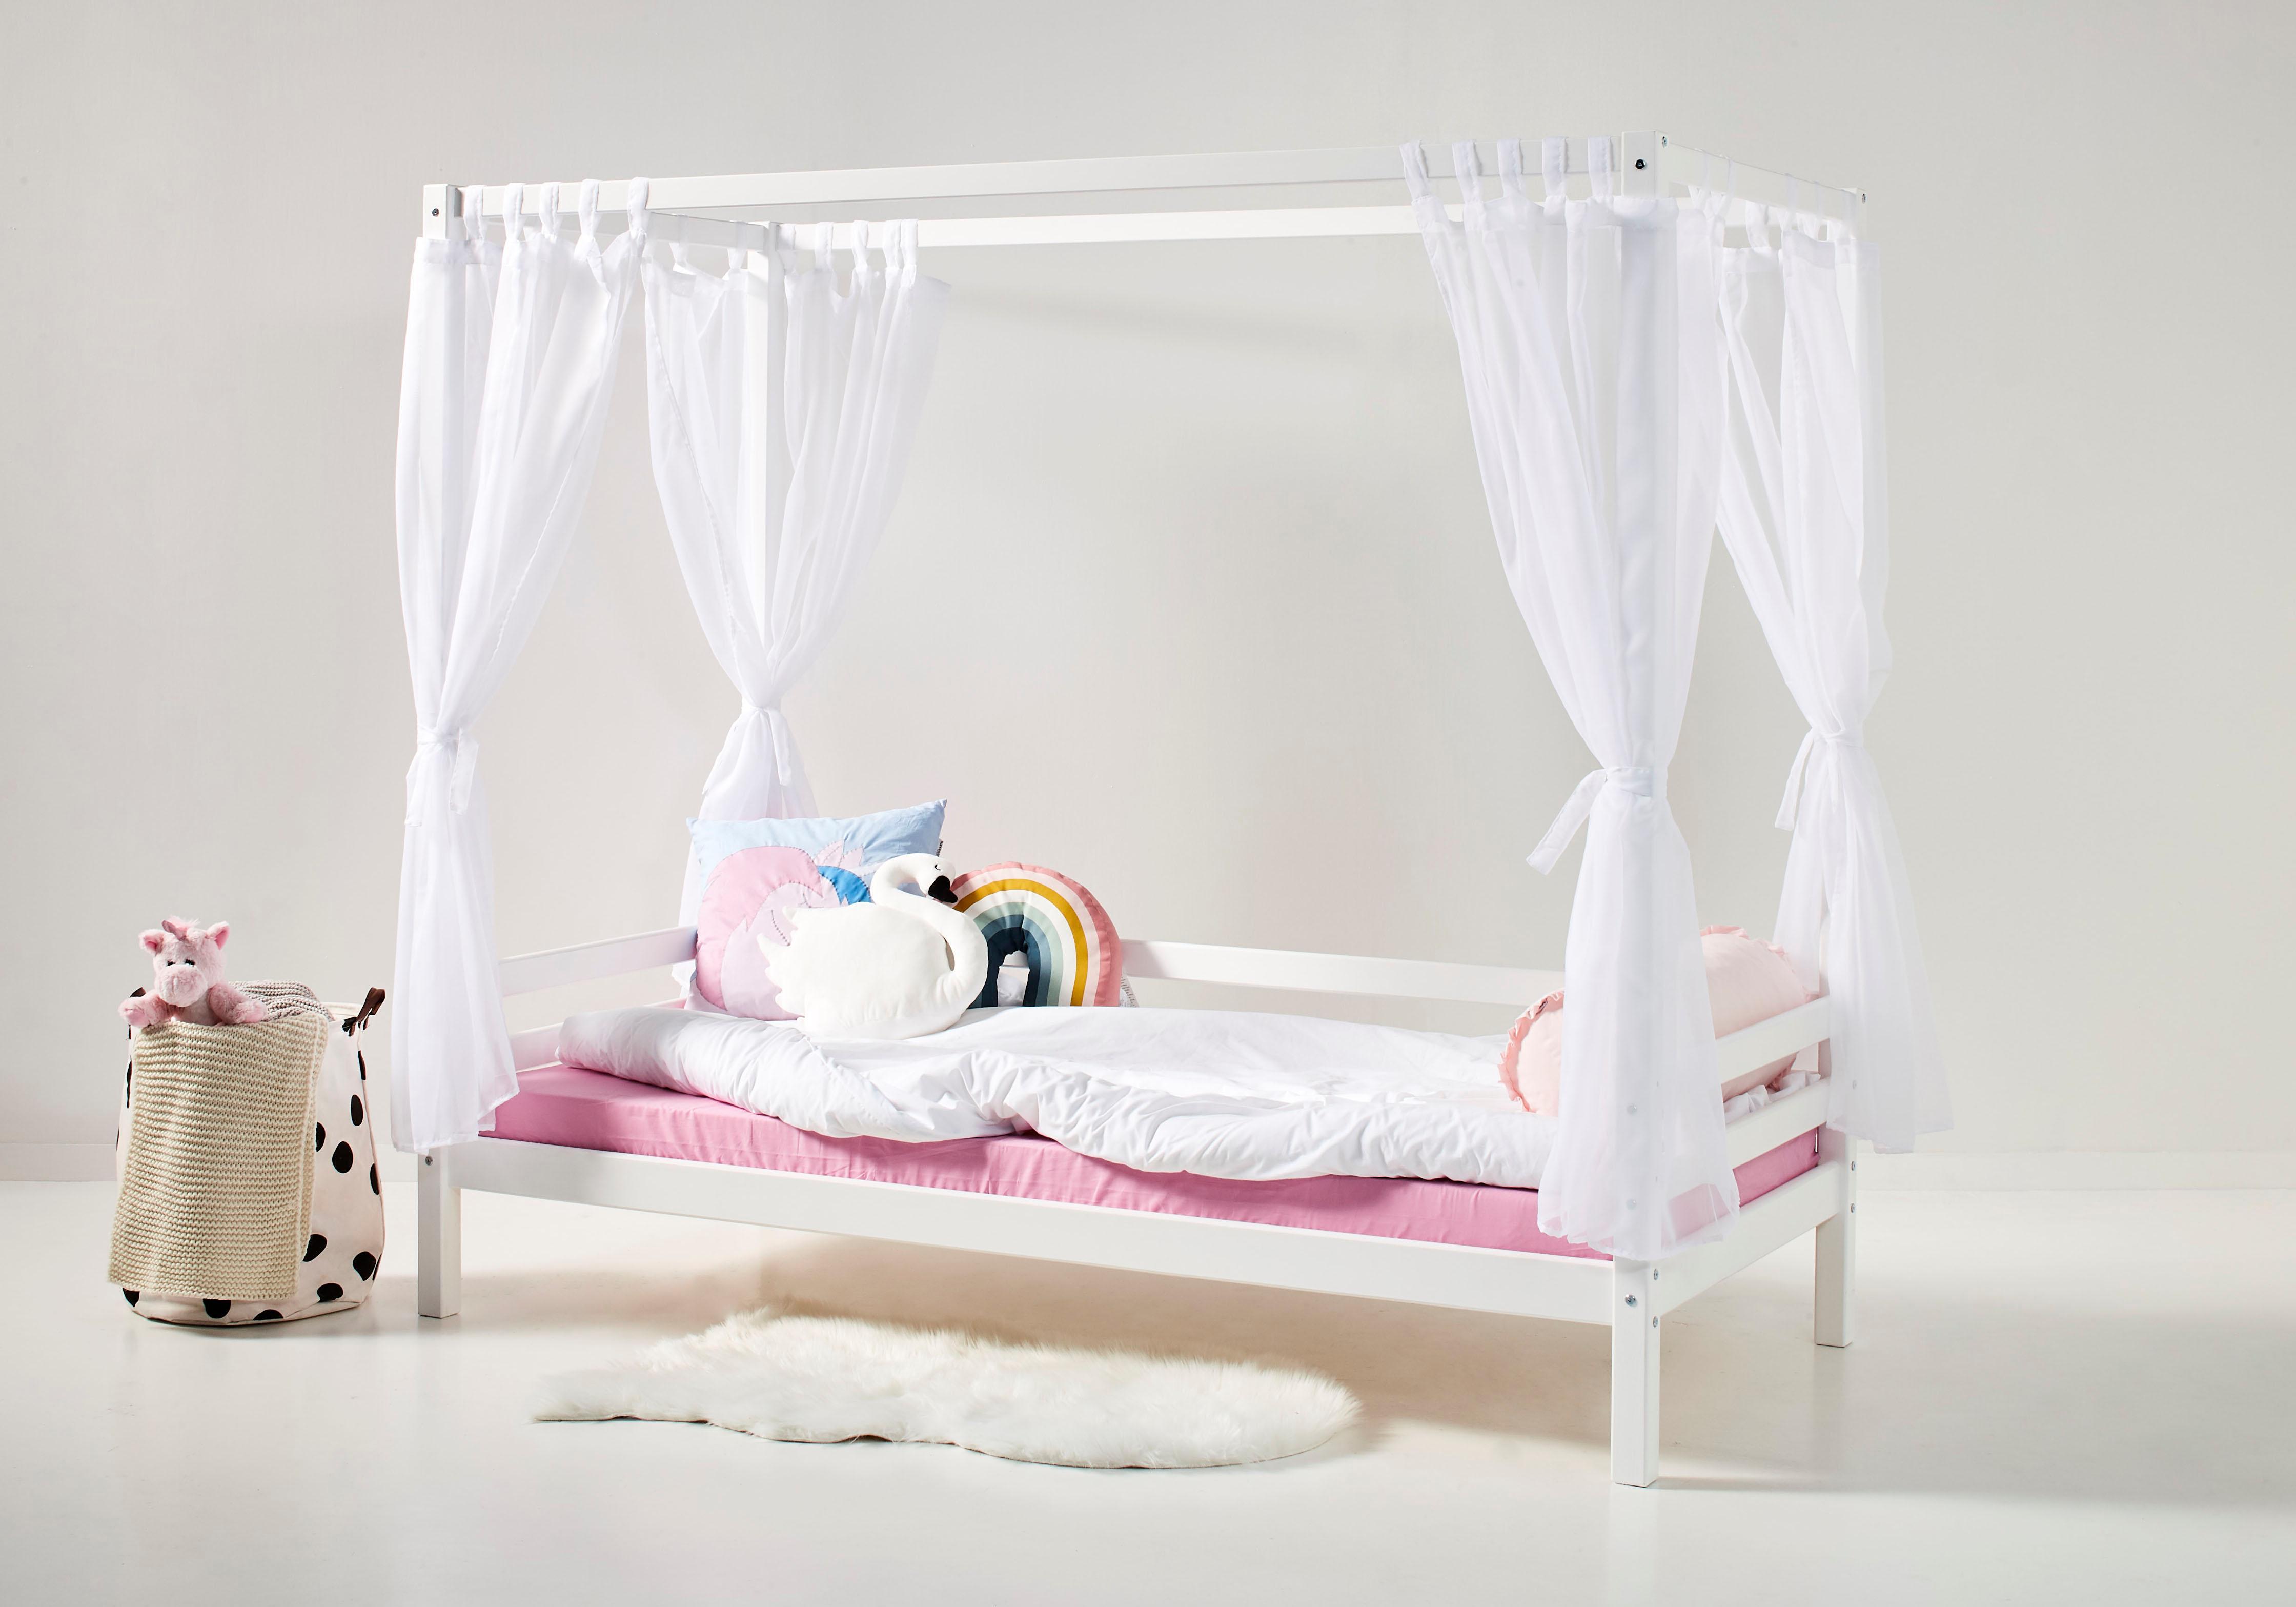 Hoppekids Betthimmel, inkl. 4 Vorhängen für Sofabett weiß Kinder Betthimmel Kinderbetten Kindermöbel